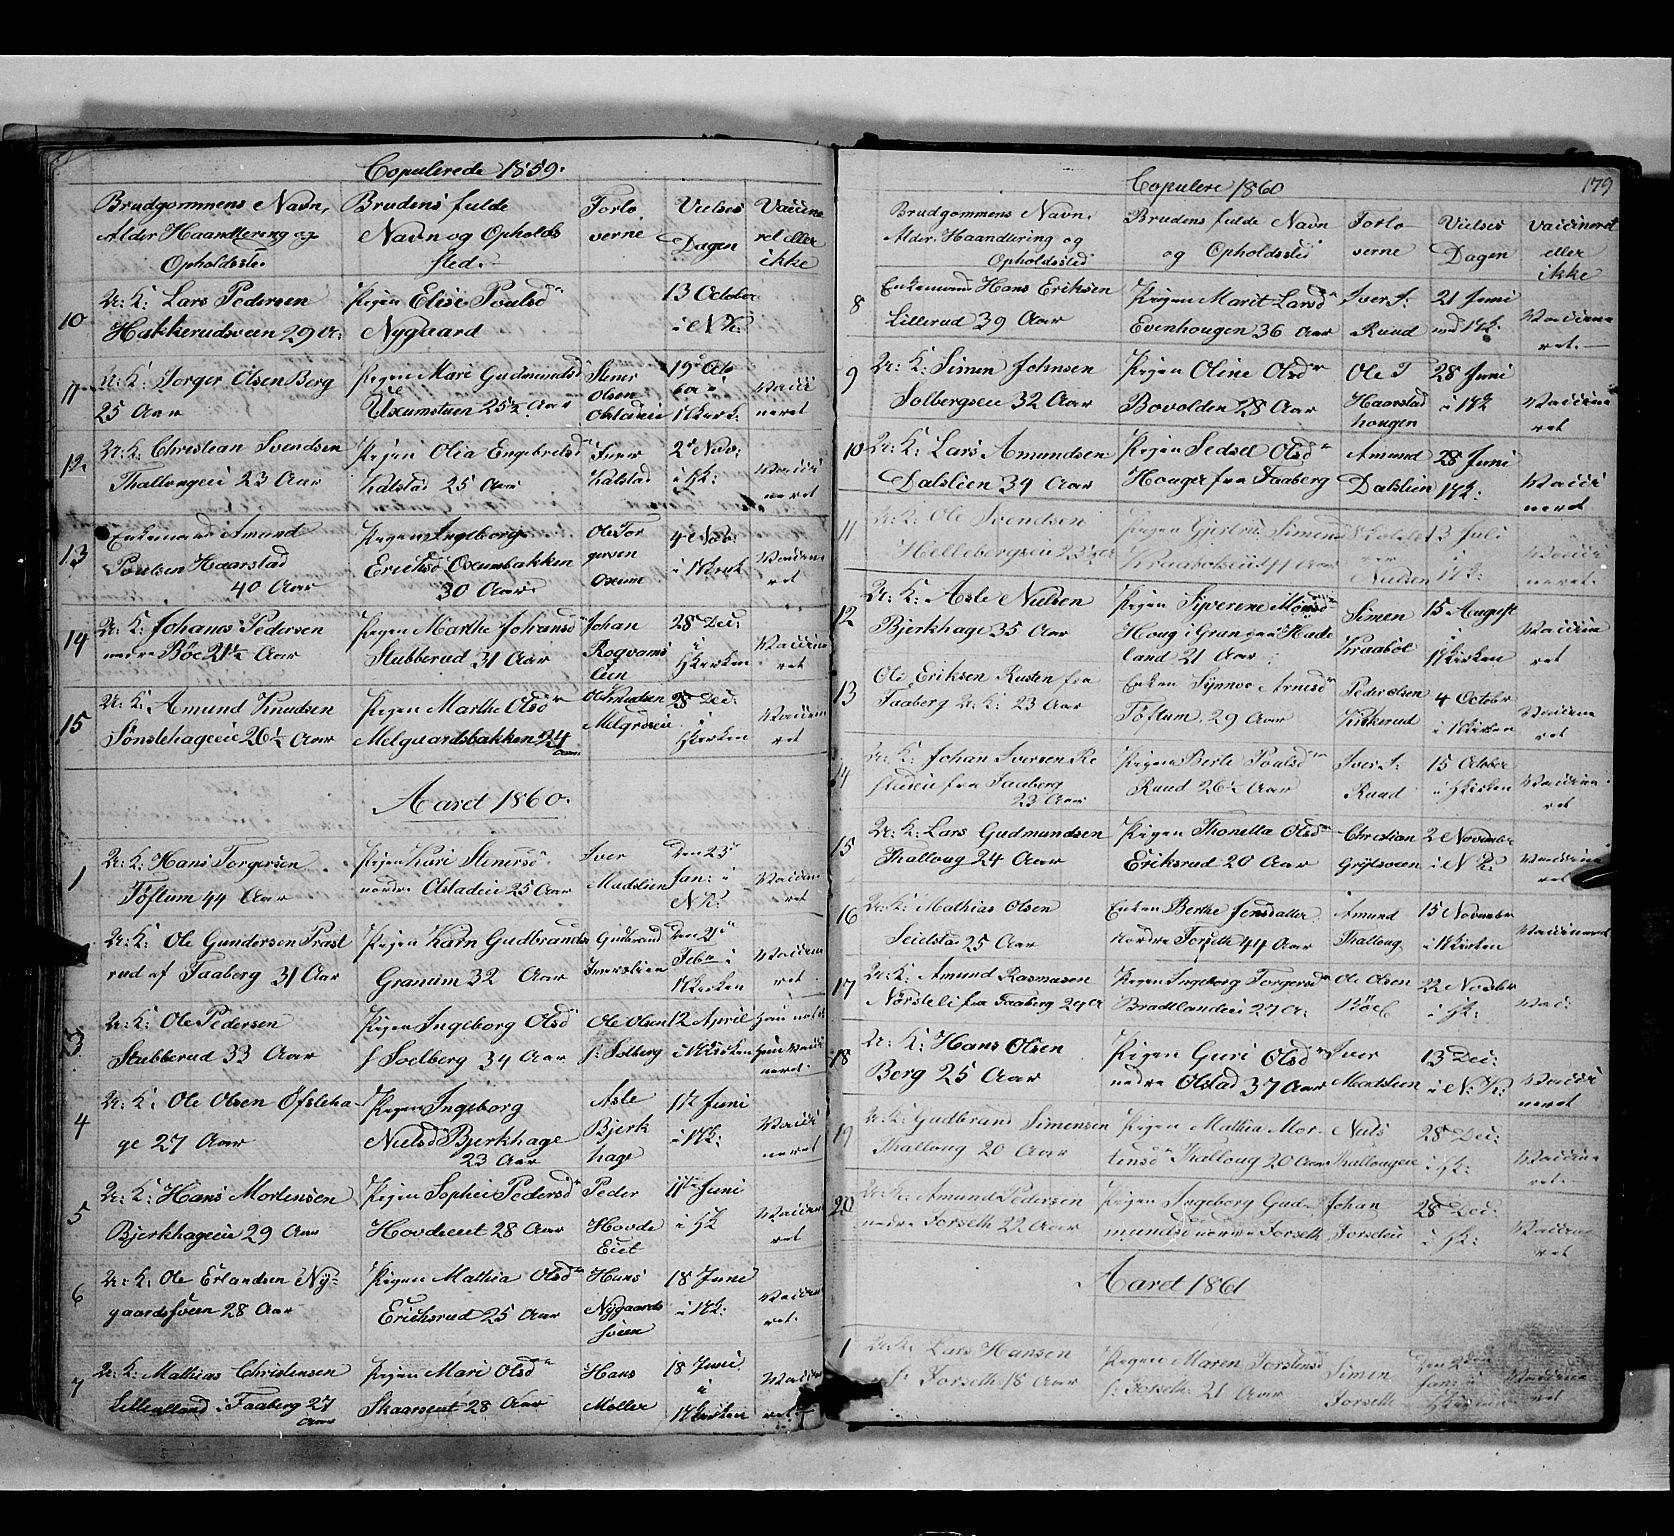 SAH, Gausdal prestekontor, Klokkerbok nr. 5, 1846-1867, s. 179